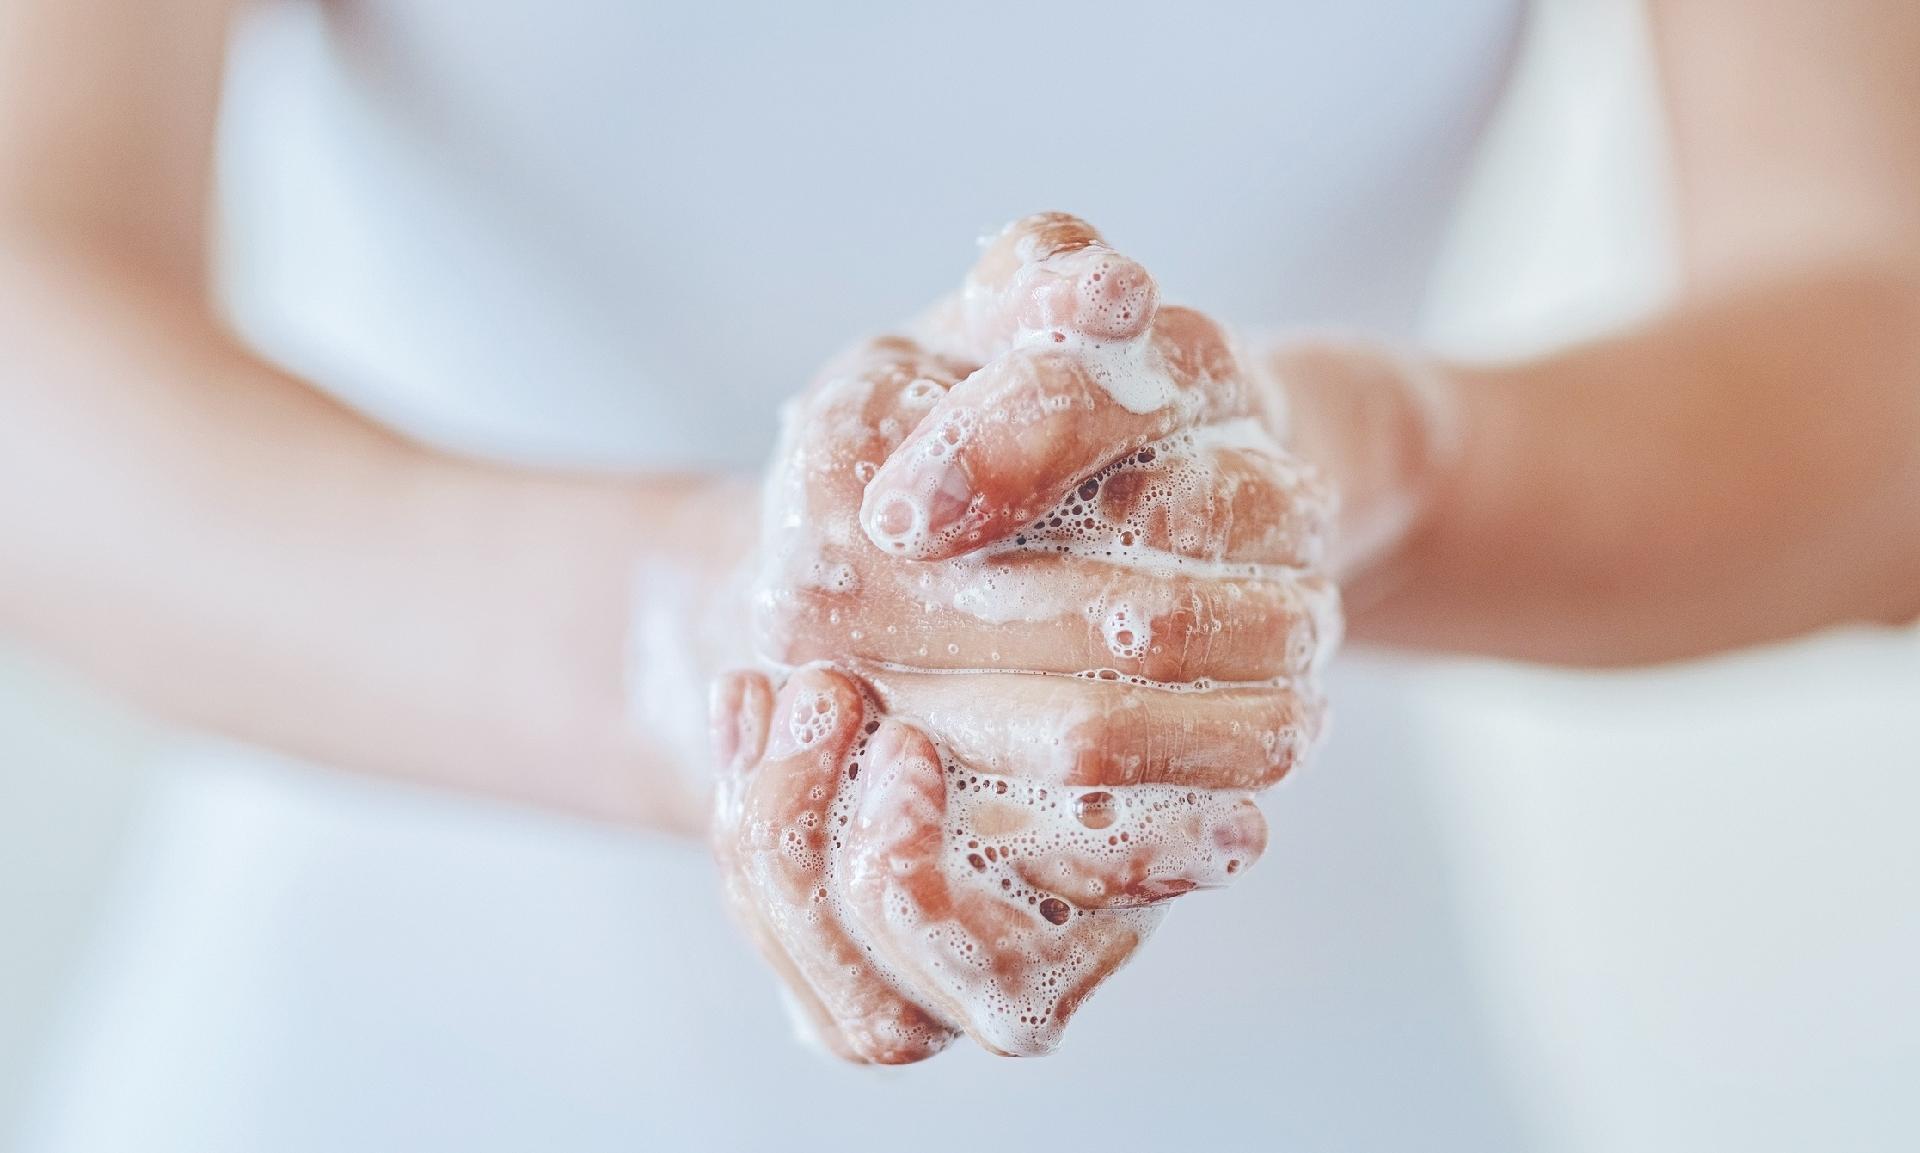 Lavar as mãos protege de herpes, gripe e viroses; veja como higienizá-las - 15/10/2019 - UOL VivaBem